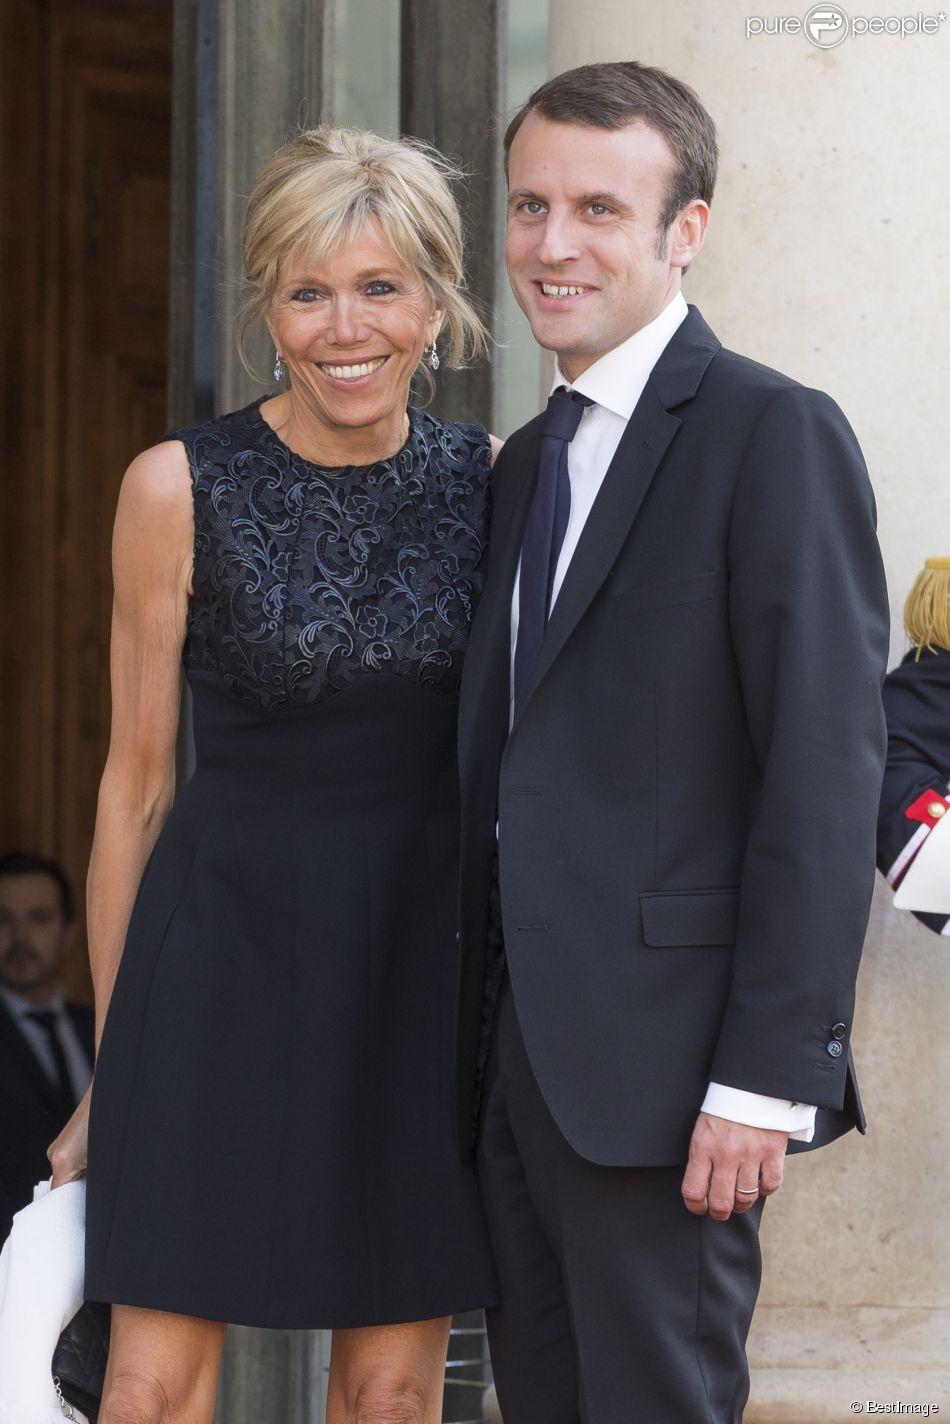 Le ministre Emmanuel Macron et sa femme Brigitte Trogneux - Dîner d'Etat en l'honneur du Felipe VI et la reine Letizia d'Espagne, reçus par François Hollande, président de la République française, au Palais de l'Elysée à Paris le 2 juin 2015.